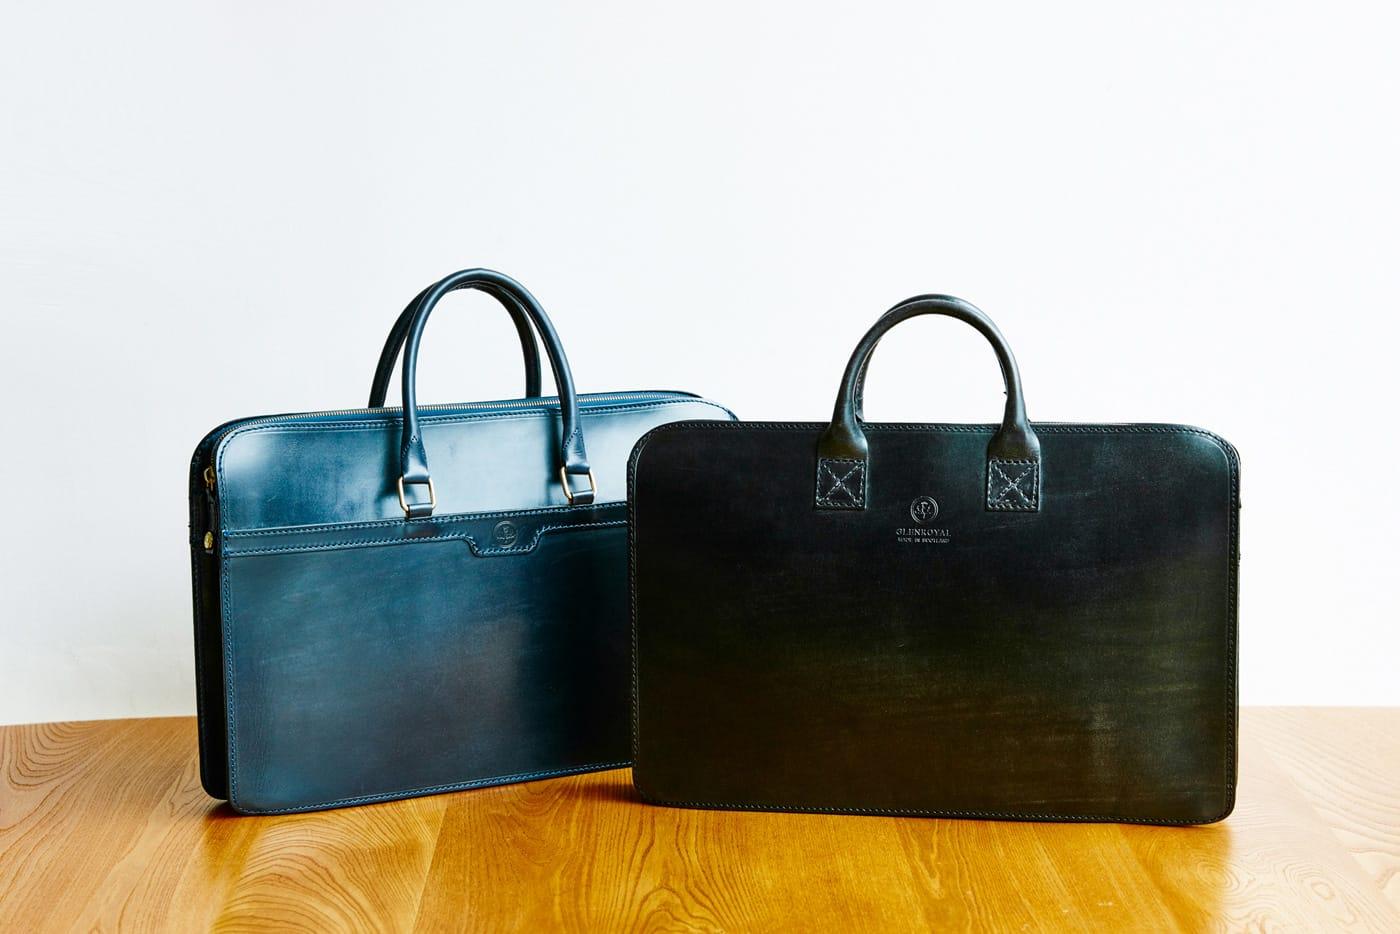 グレンロイヤル ビジネス革鞄おすすめラインアップ